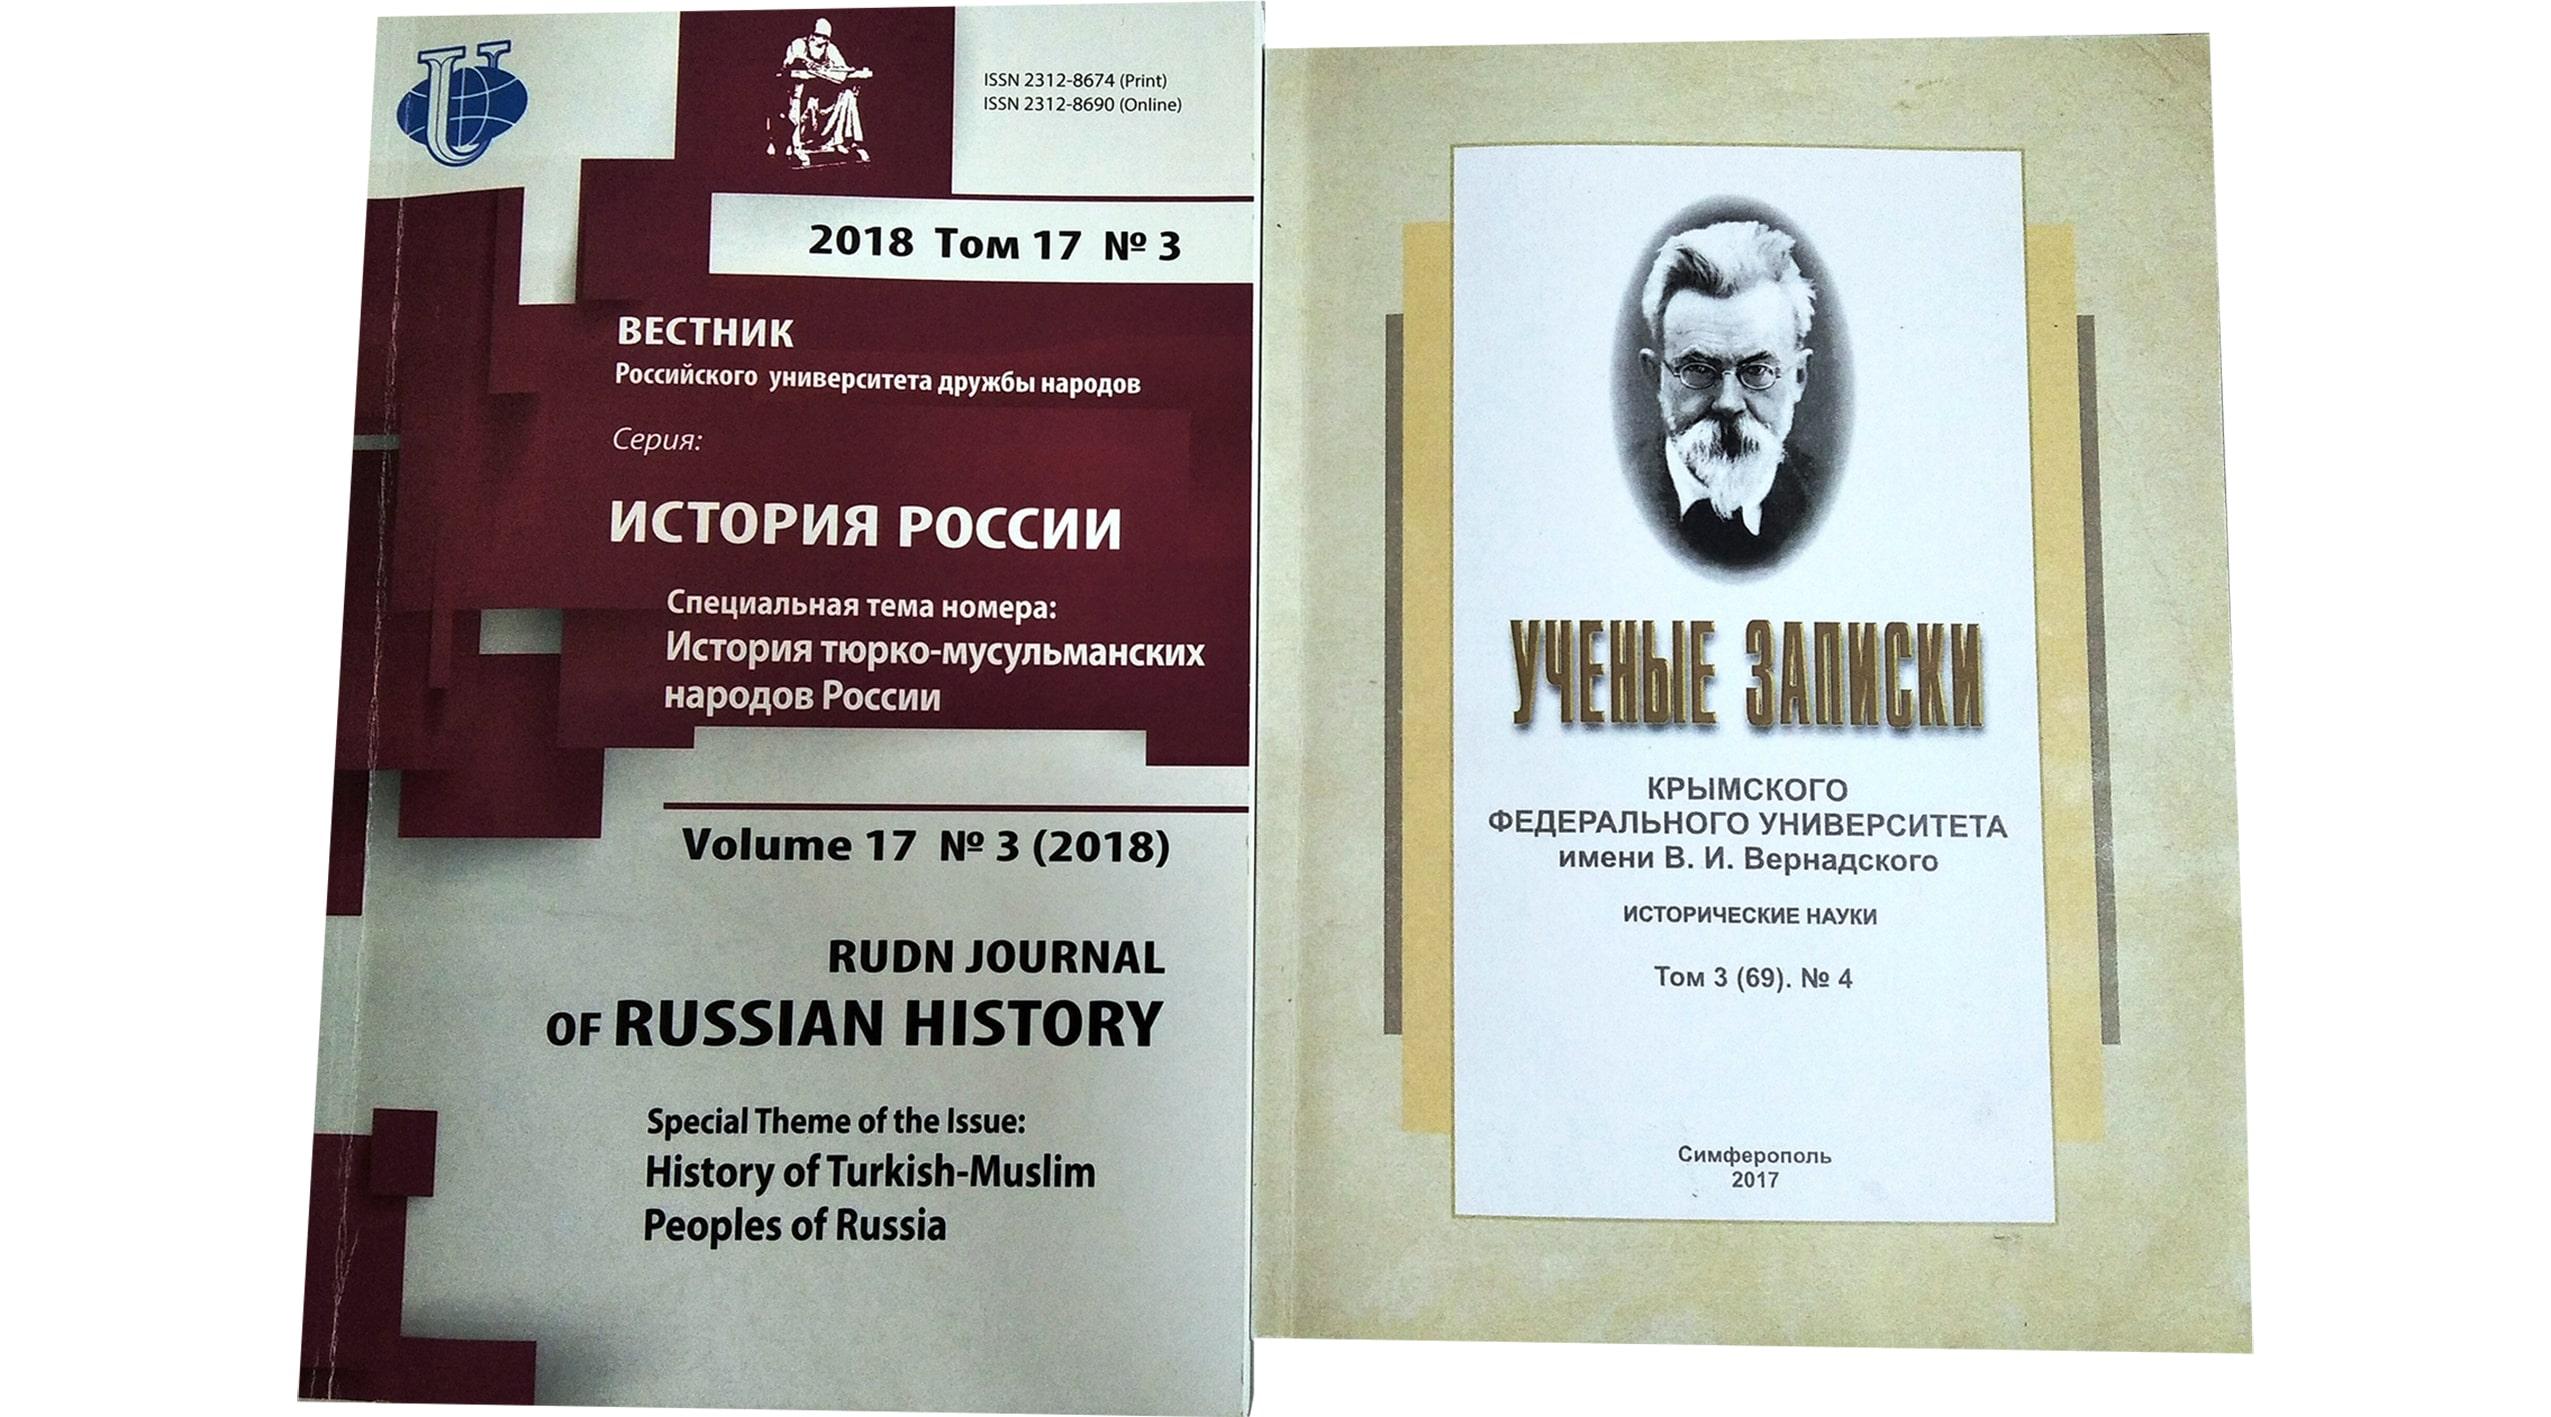 Благодарность Виктории Ислямовой